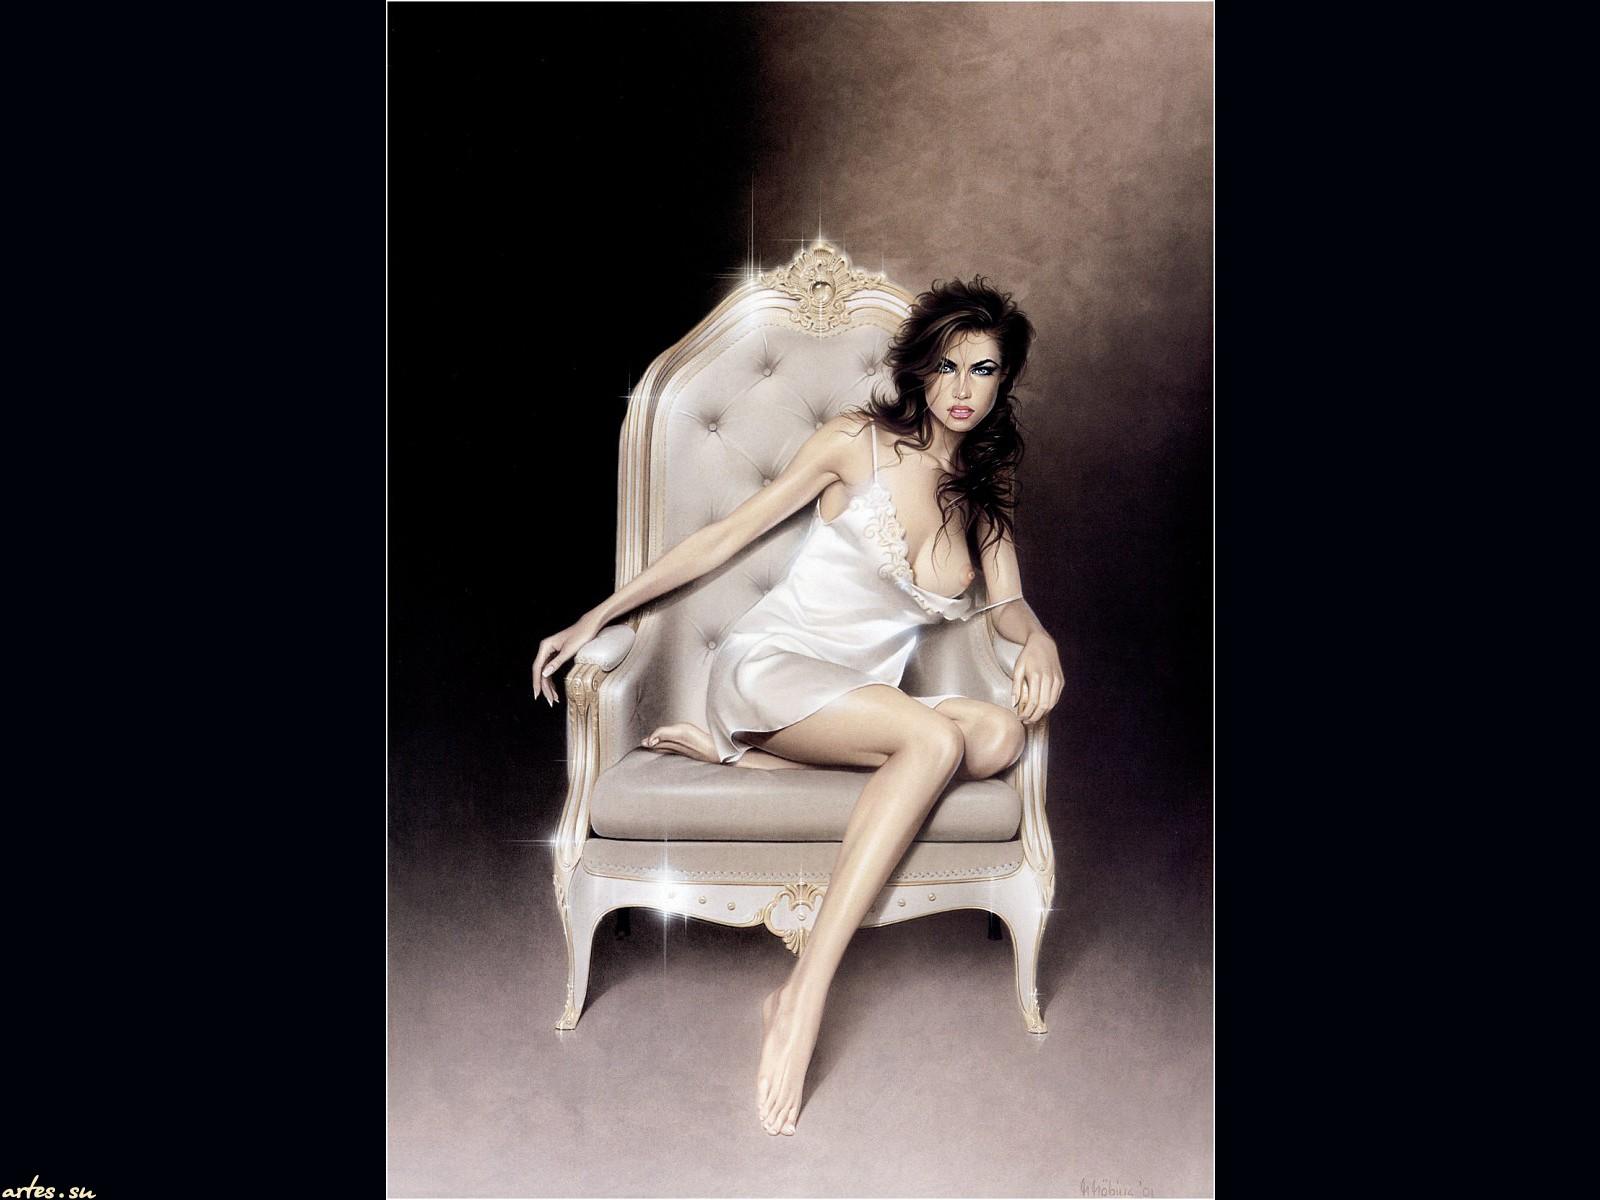 Фото девушки на кресле 15 фотография